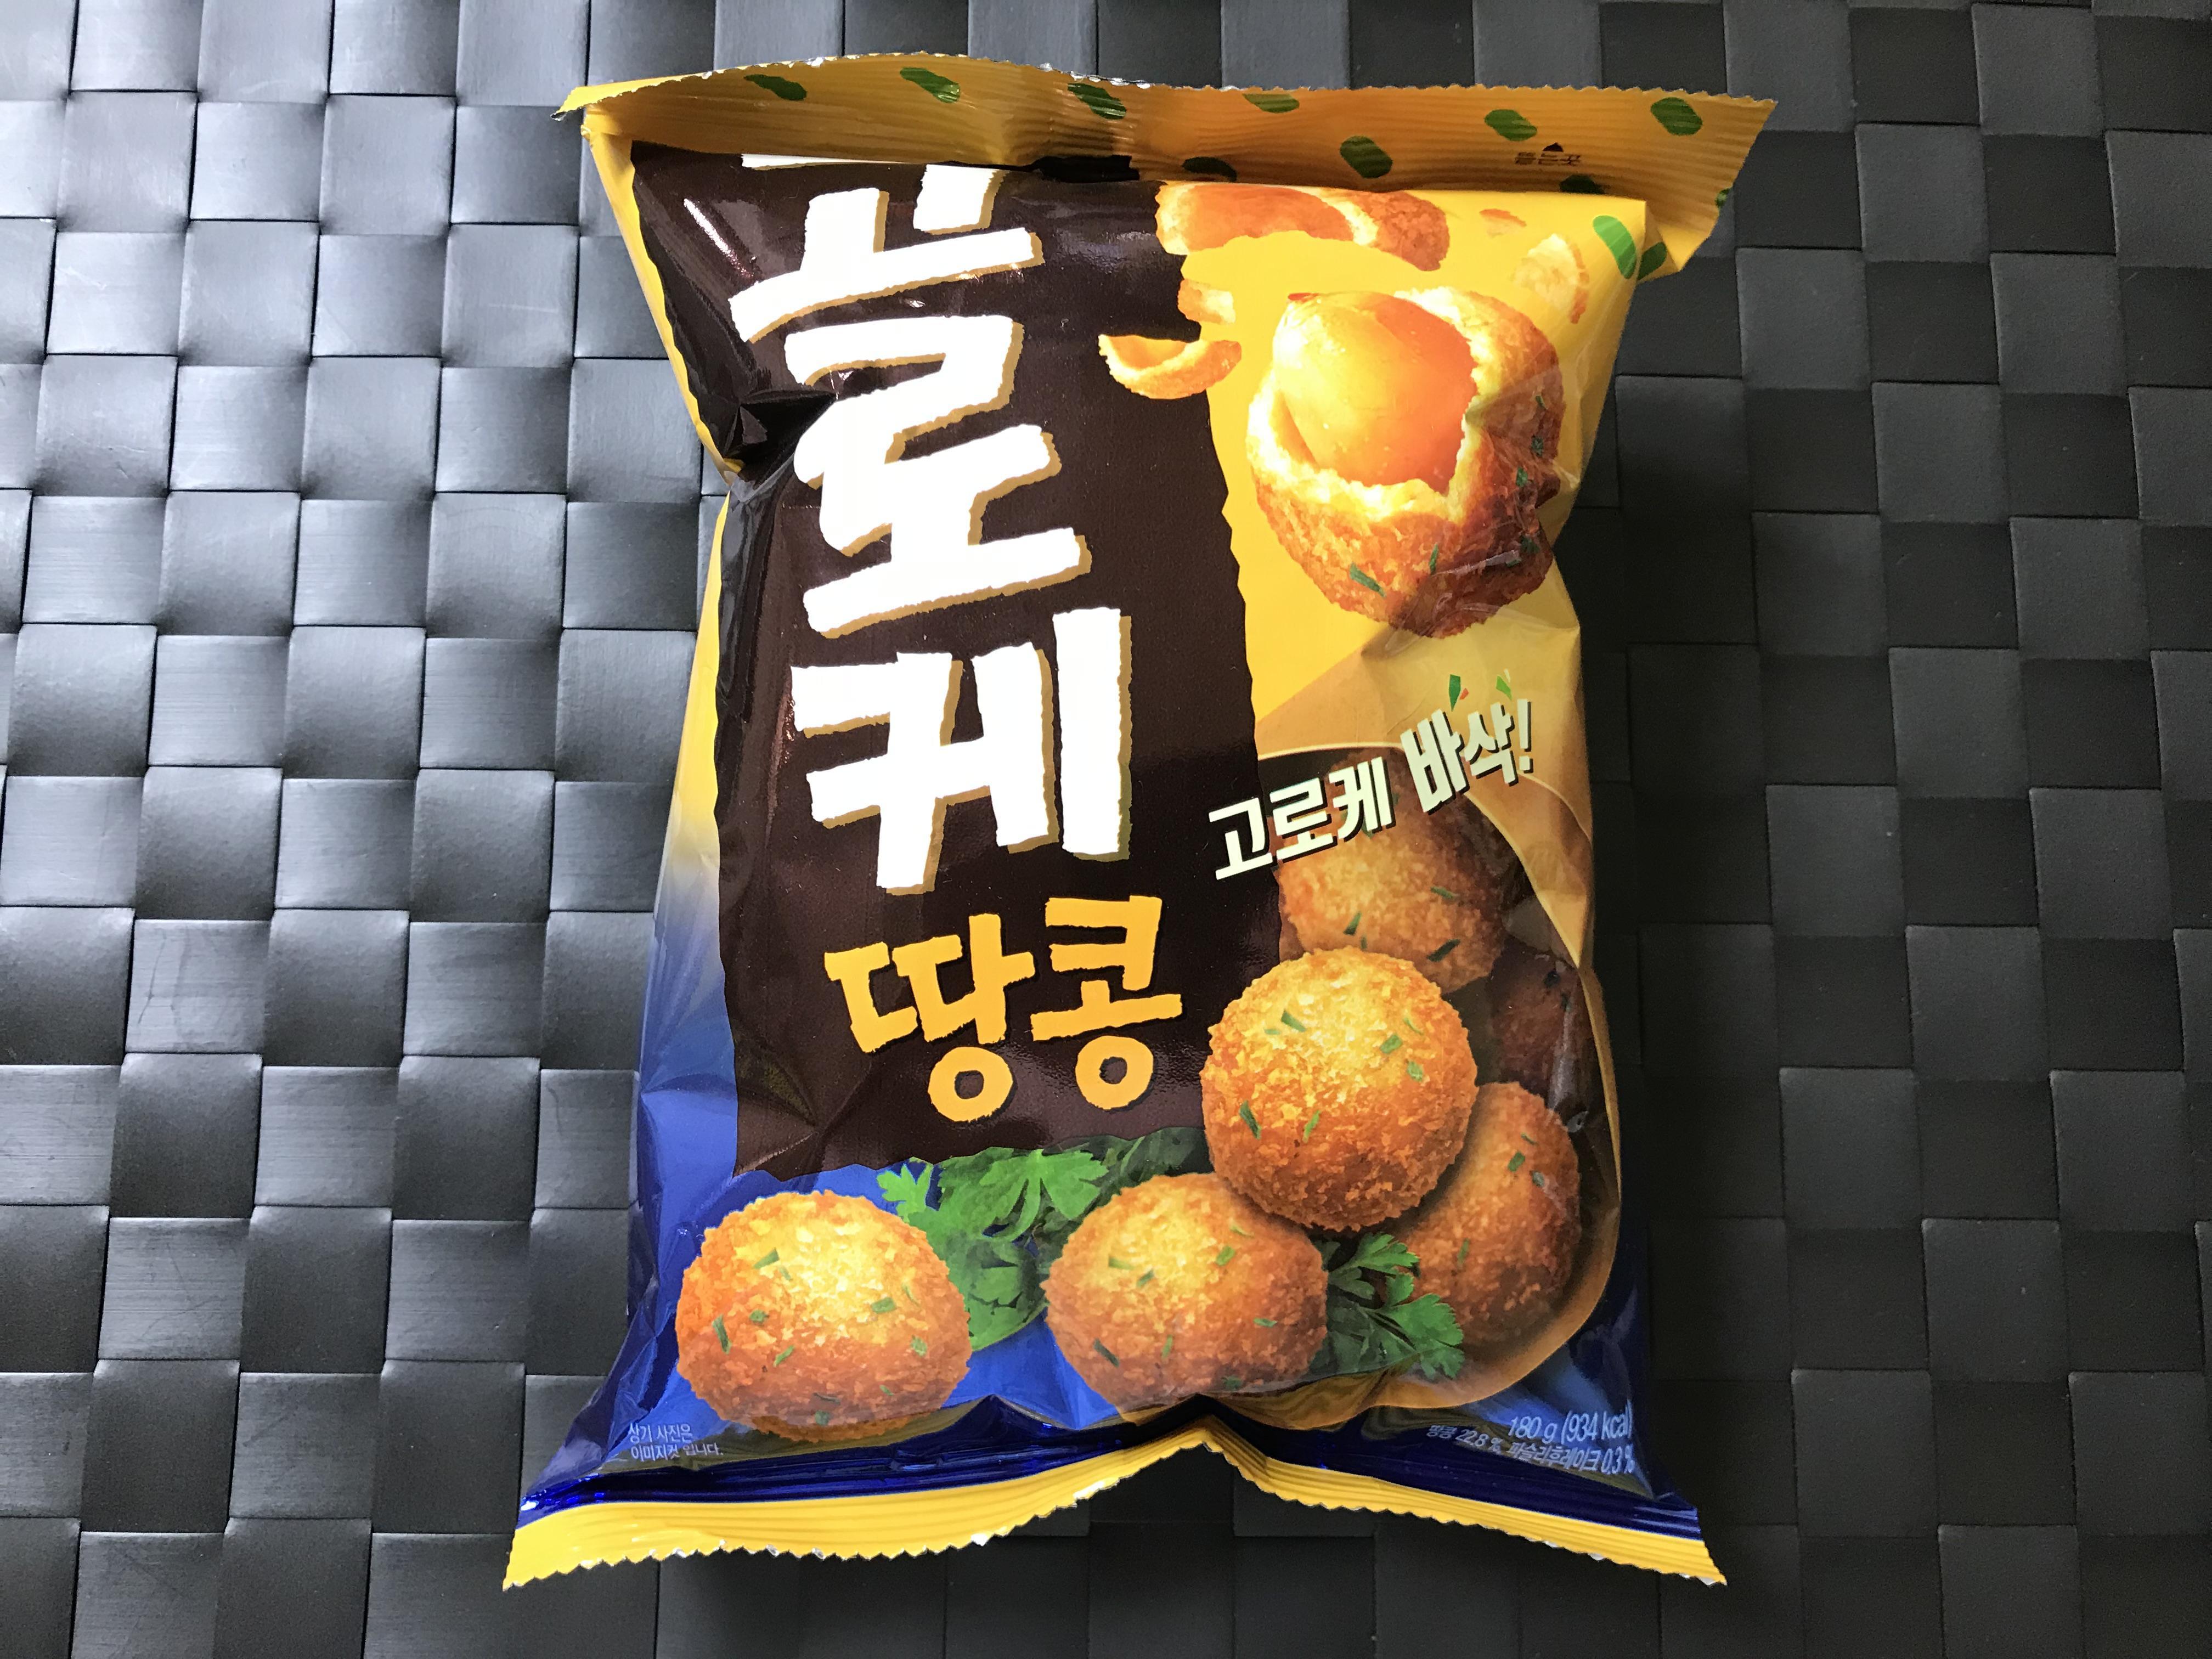 오징어땅콩과는 다르다! [오리온] 고로케땅콩